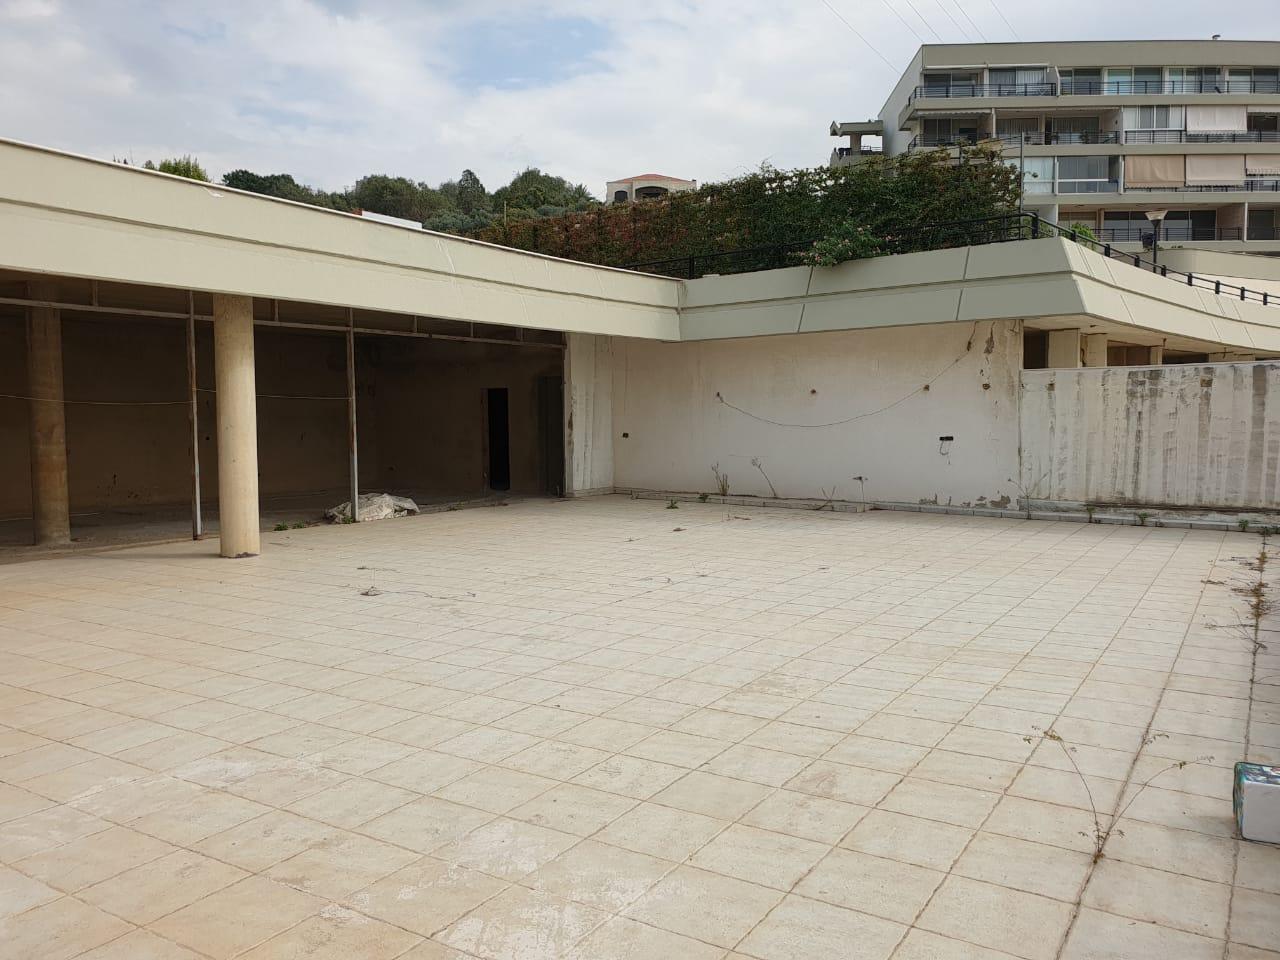 Chalet for sale in Jeita, Real estate in jeita, Buy sell properties in Jeita